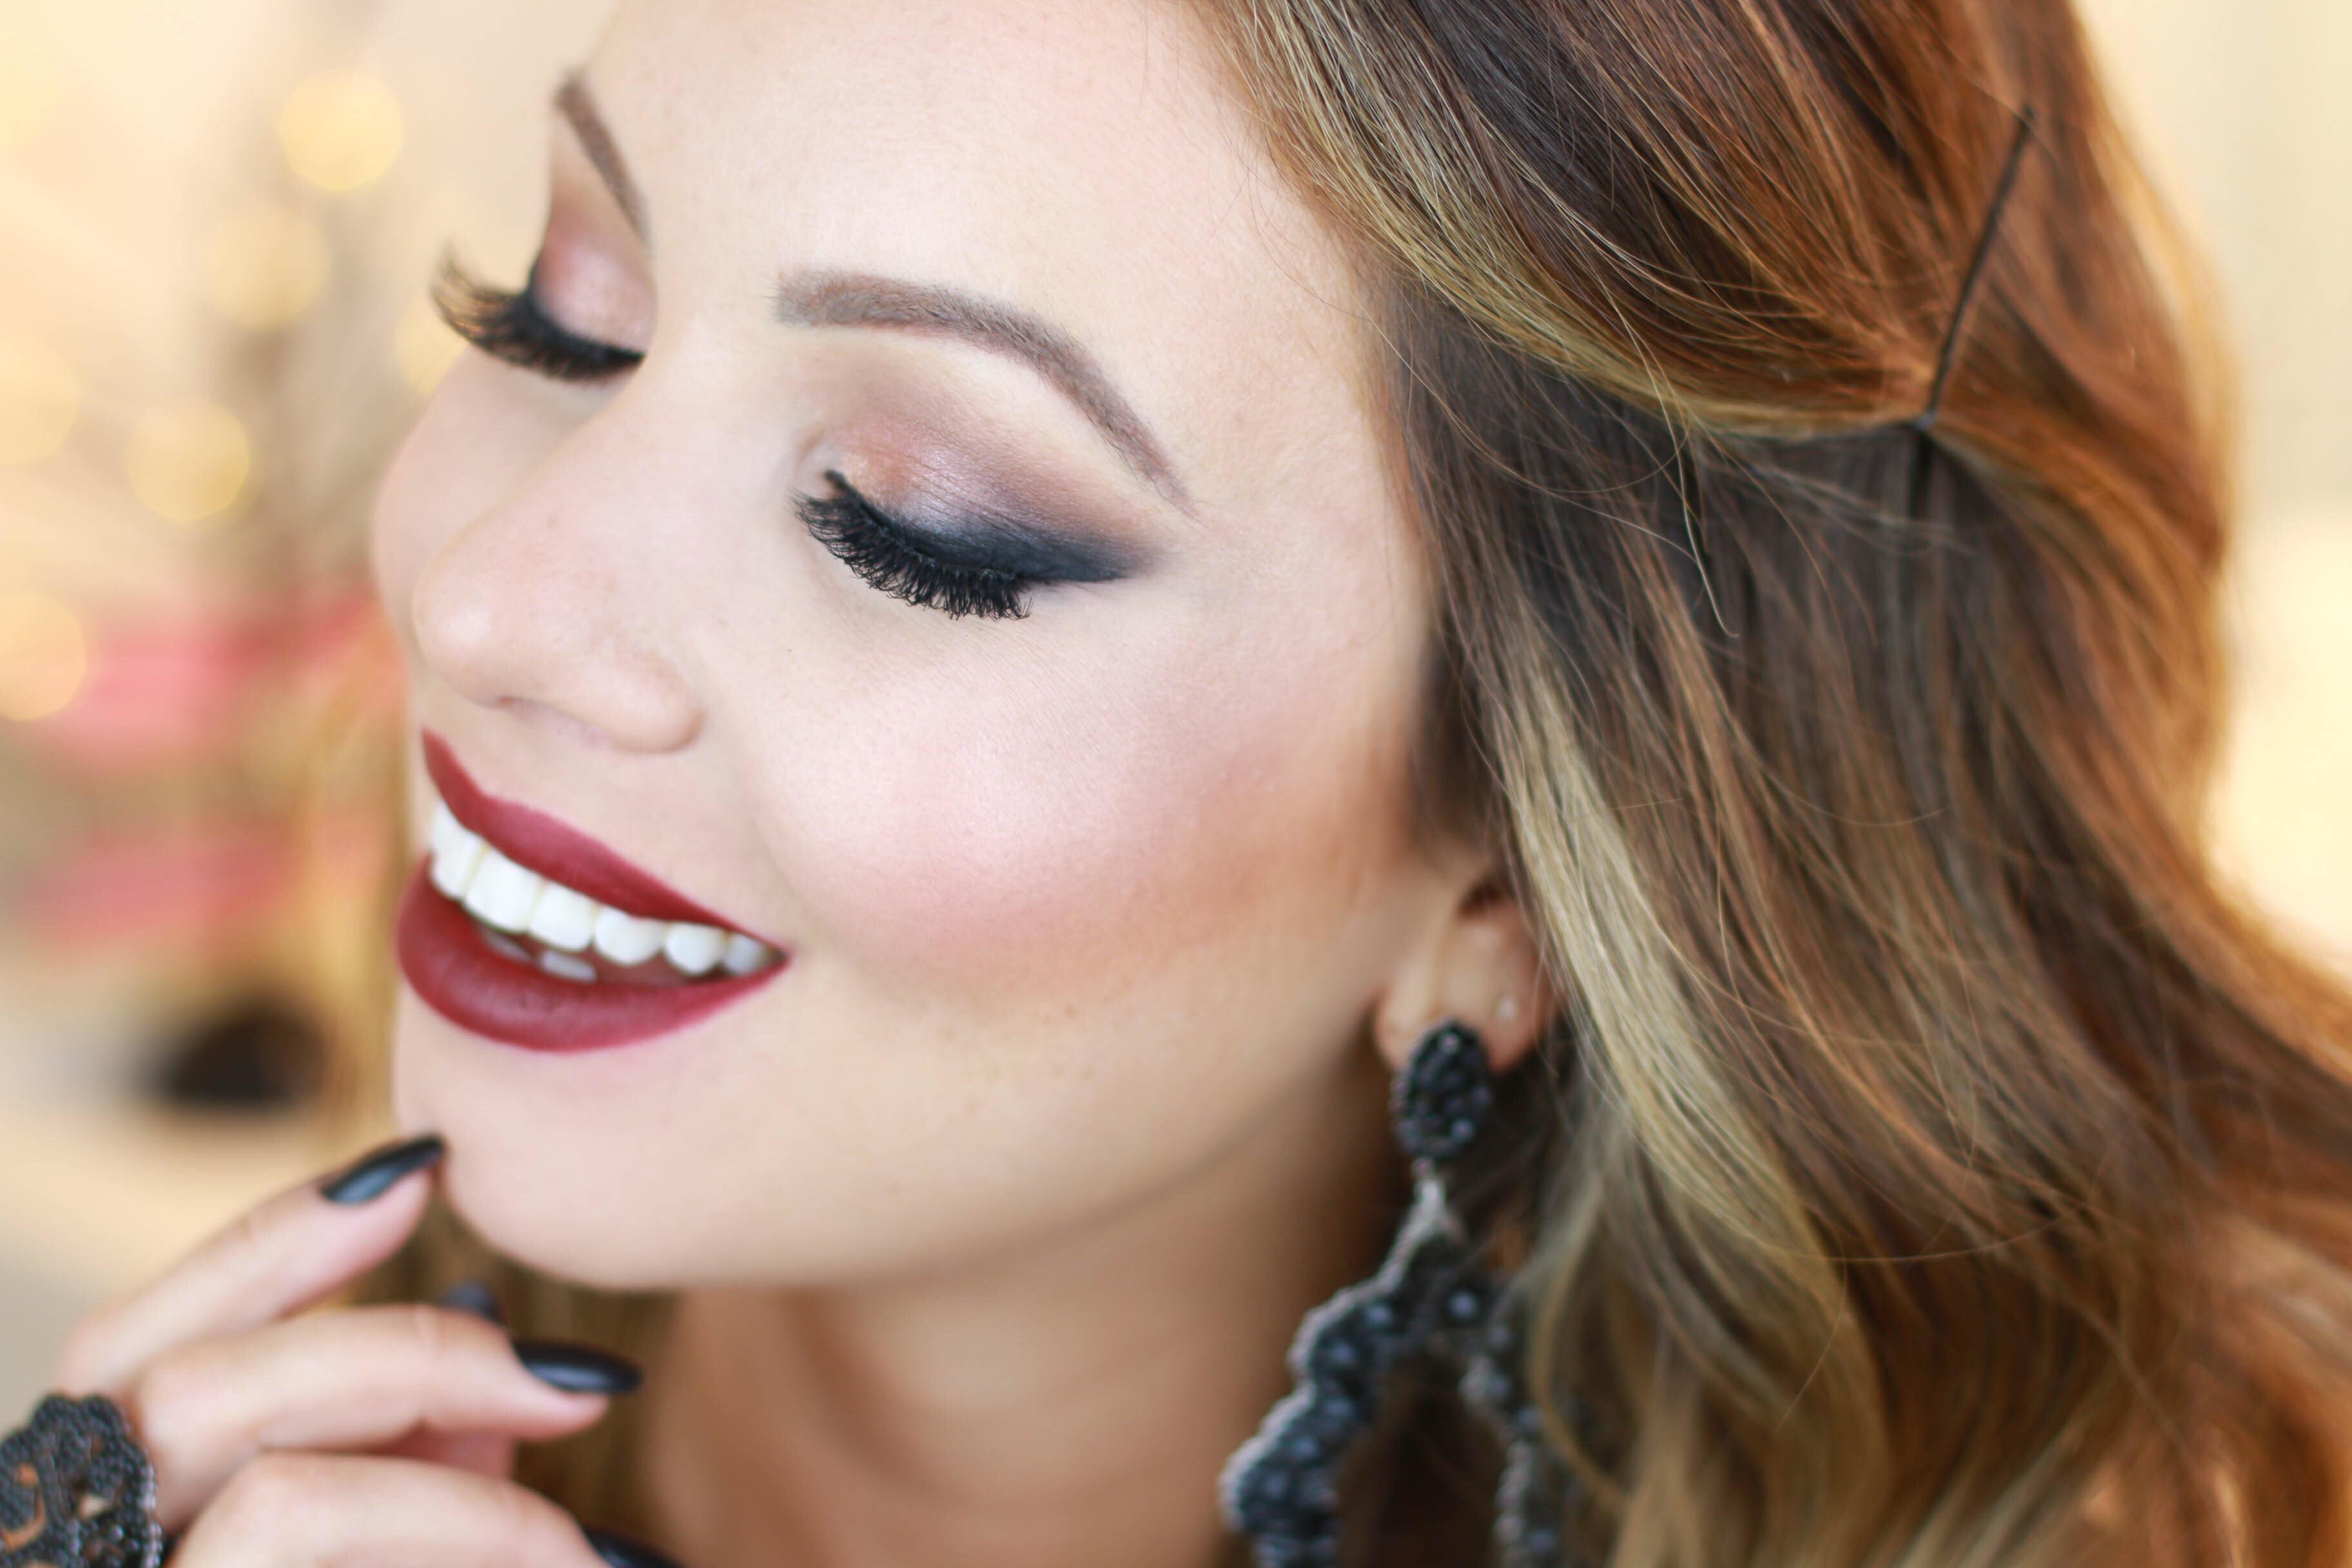 Populares Inspirações | Maquiagem Festa | Juliana Goes VS81